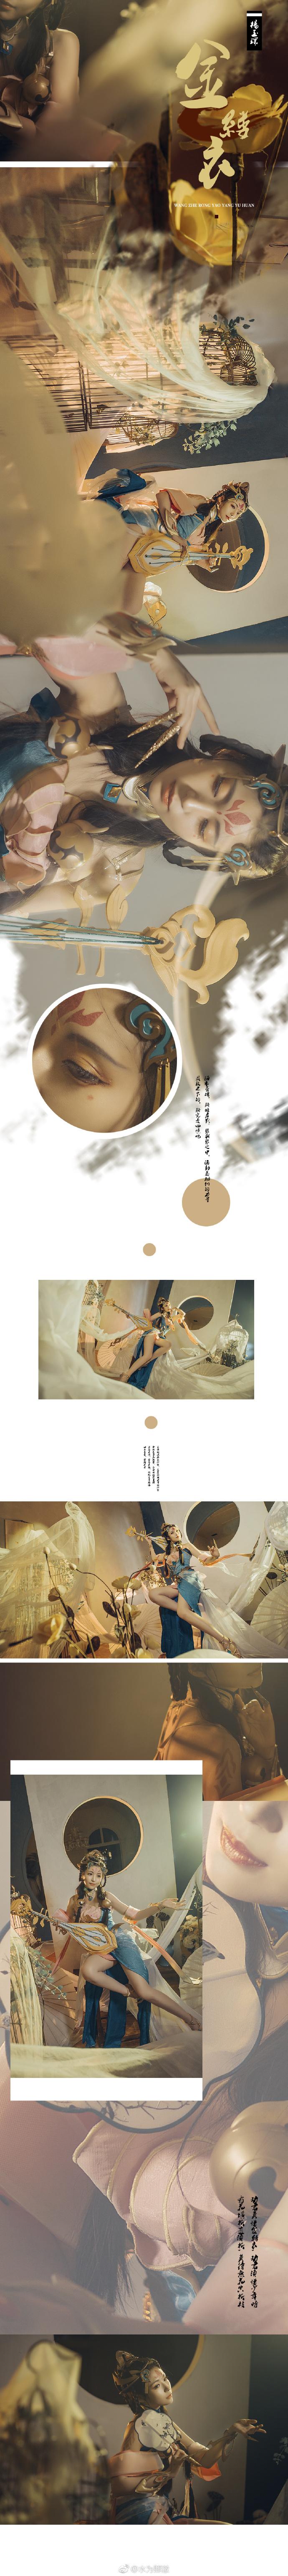 【cos正片】红尘中会有多少梦《王者荣耀》杨玉环cosplay欣赏 cosplay-第7张